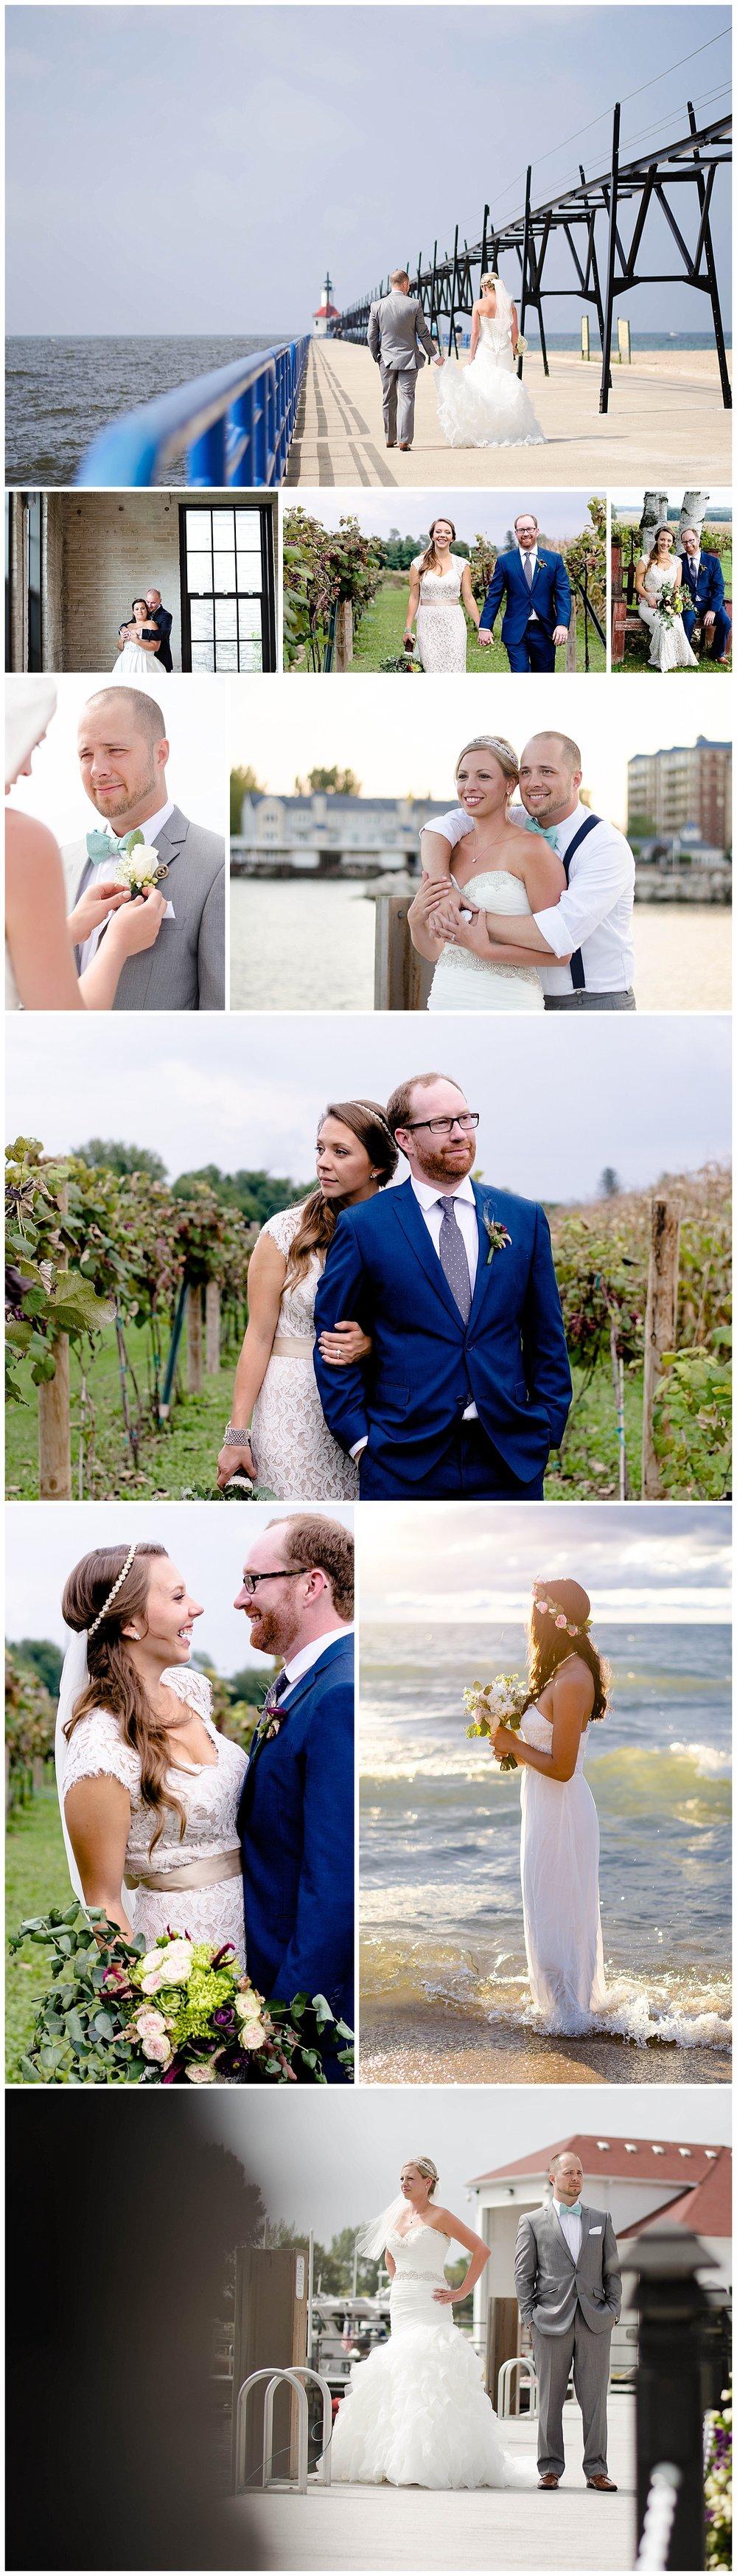 weddings-by-raisa-michigan-photographer_0012.jpg